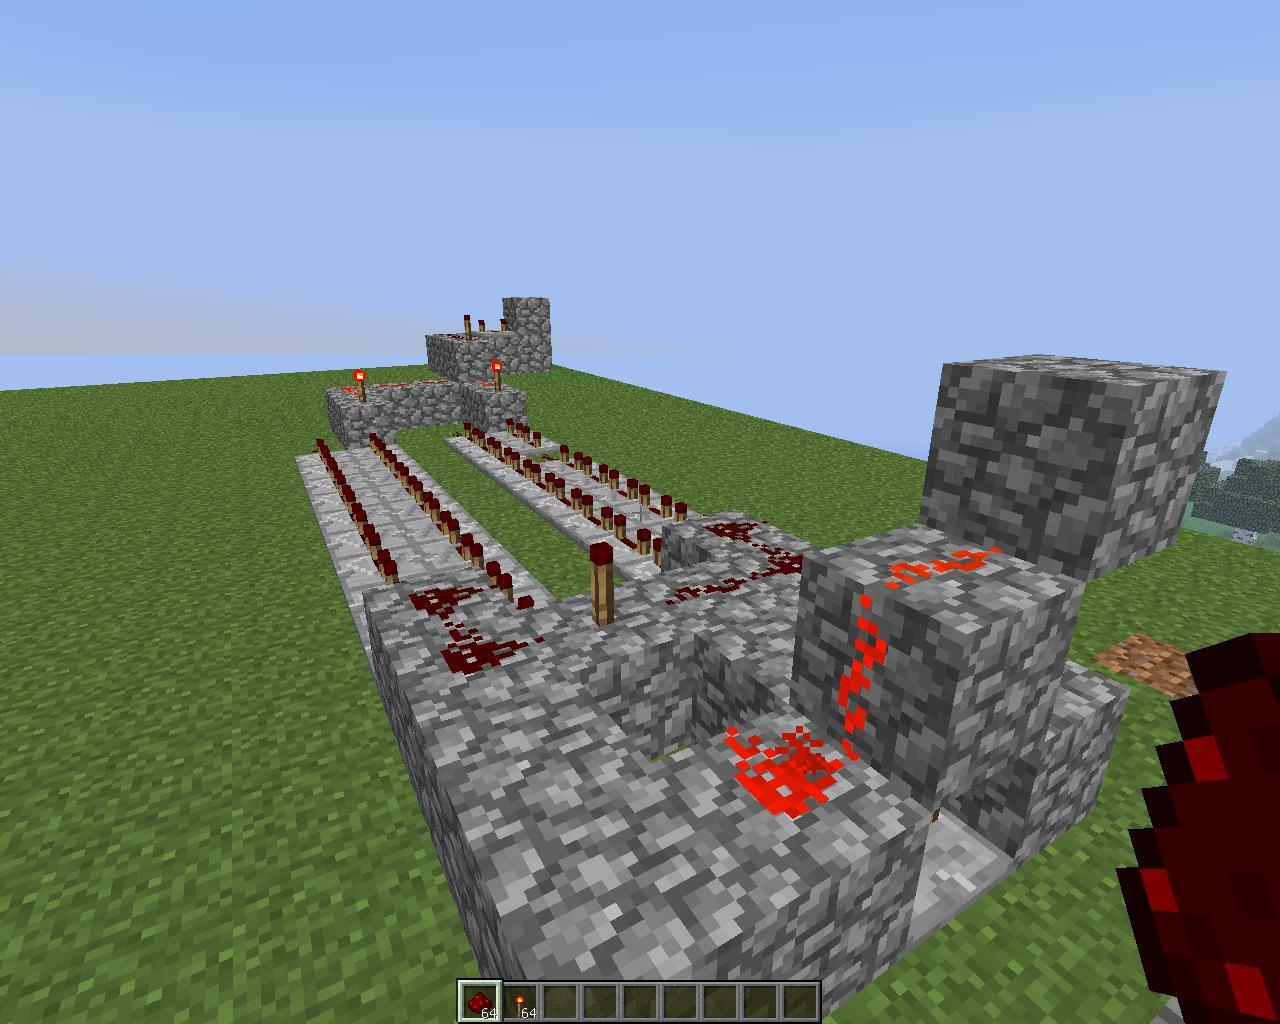 ...我的世界里面中继器红石以及命令方块都是这款游戏非常经典...